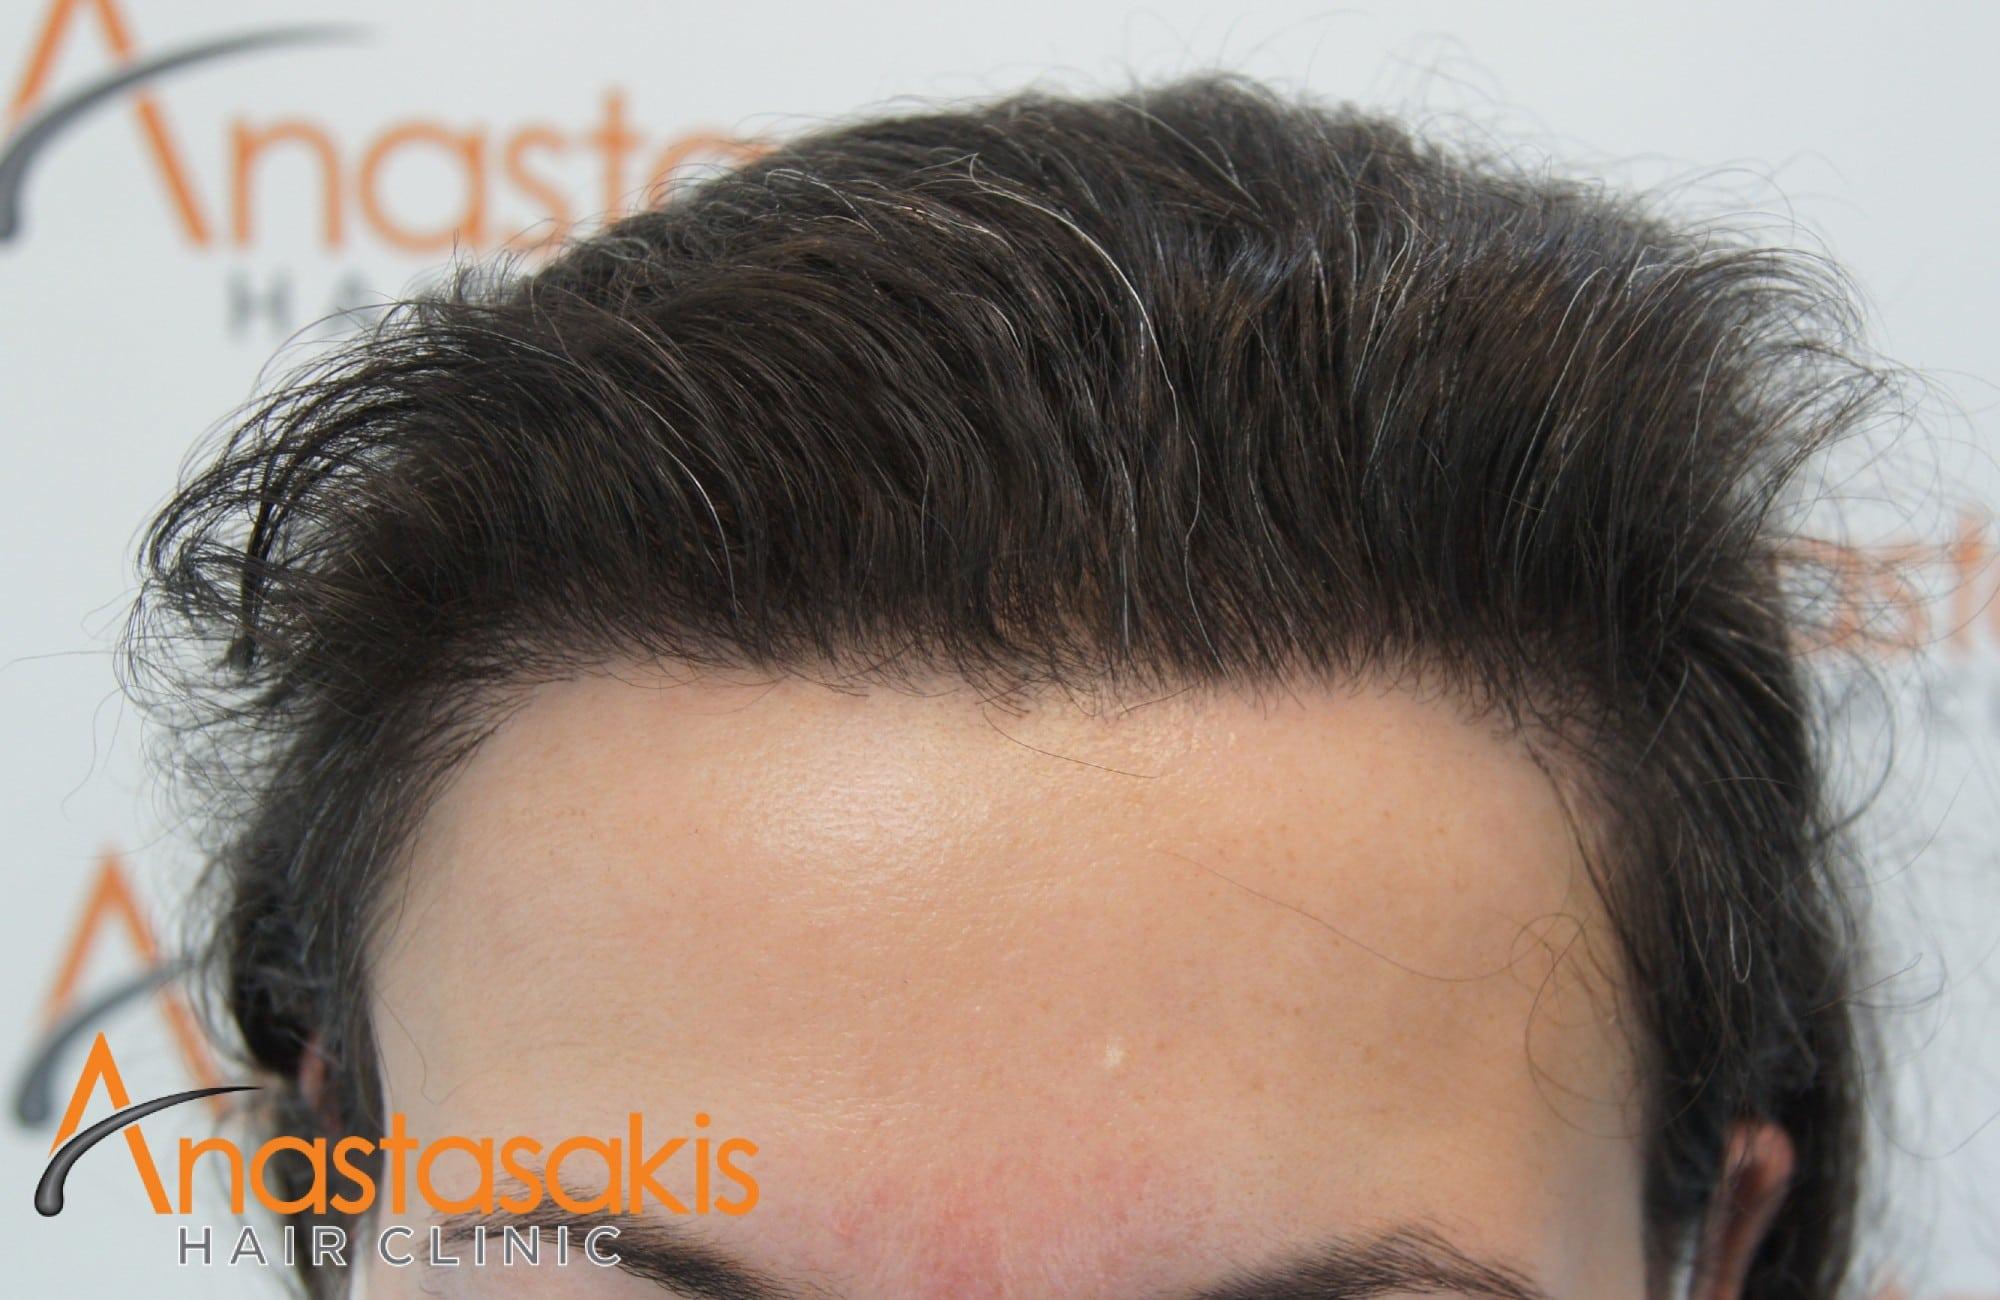 περιστατικό με 2600 fus - μετα τη μεταμόσχευση μαλλιών - γυναίκα - hairline